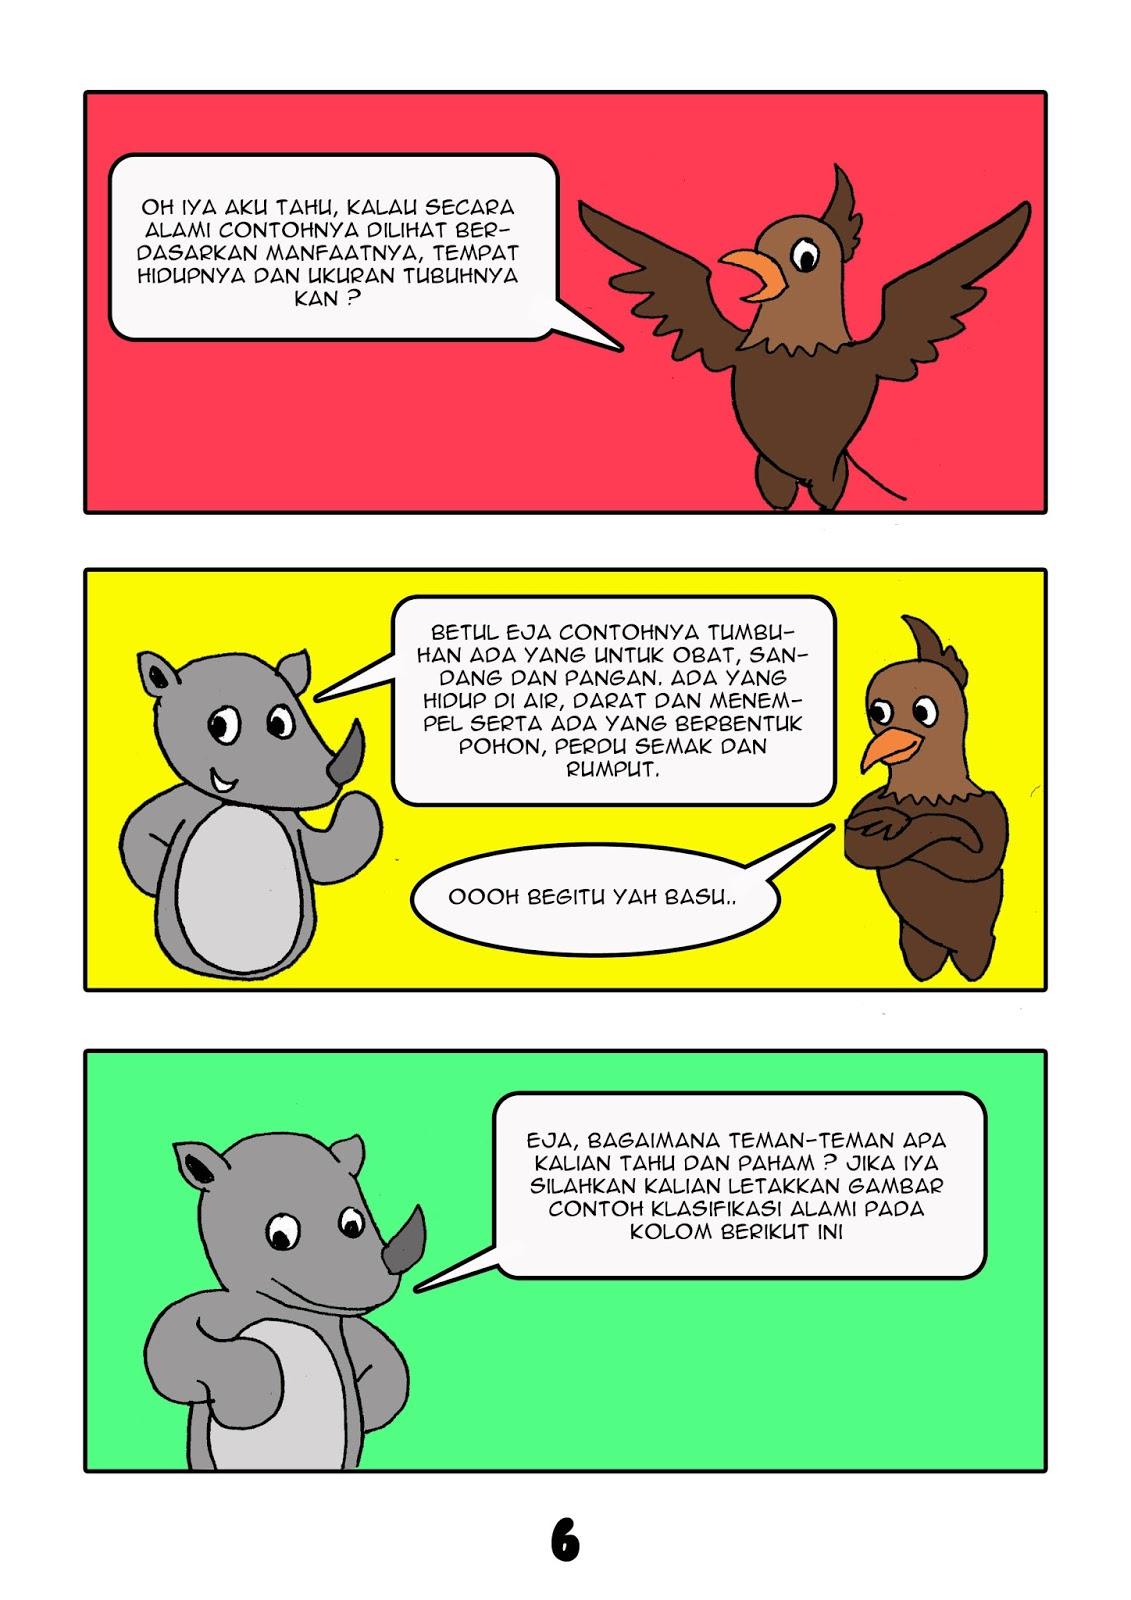 Contoh Gambar Ilustrasi Komik Hewan Yang Mudah Digambar Materi Pelajaran 9